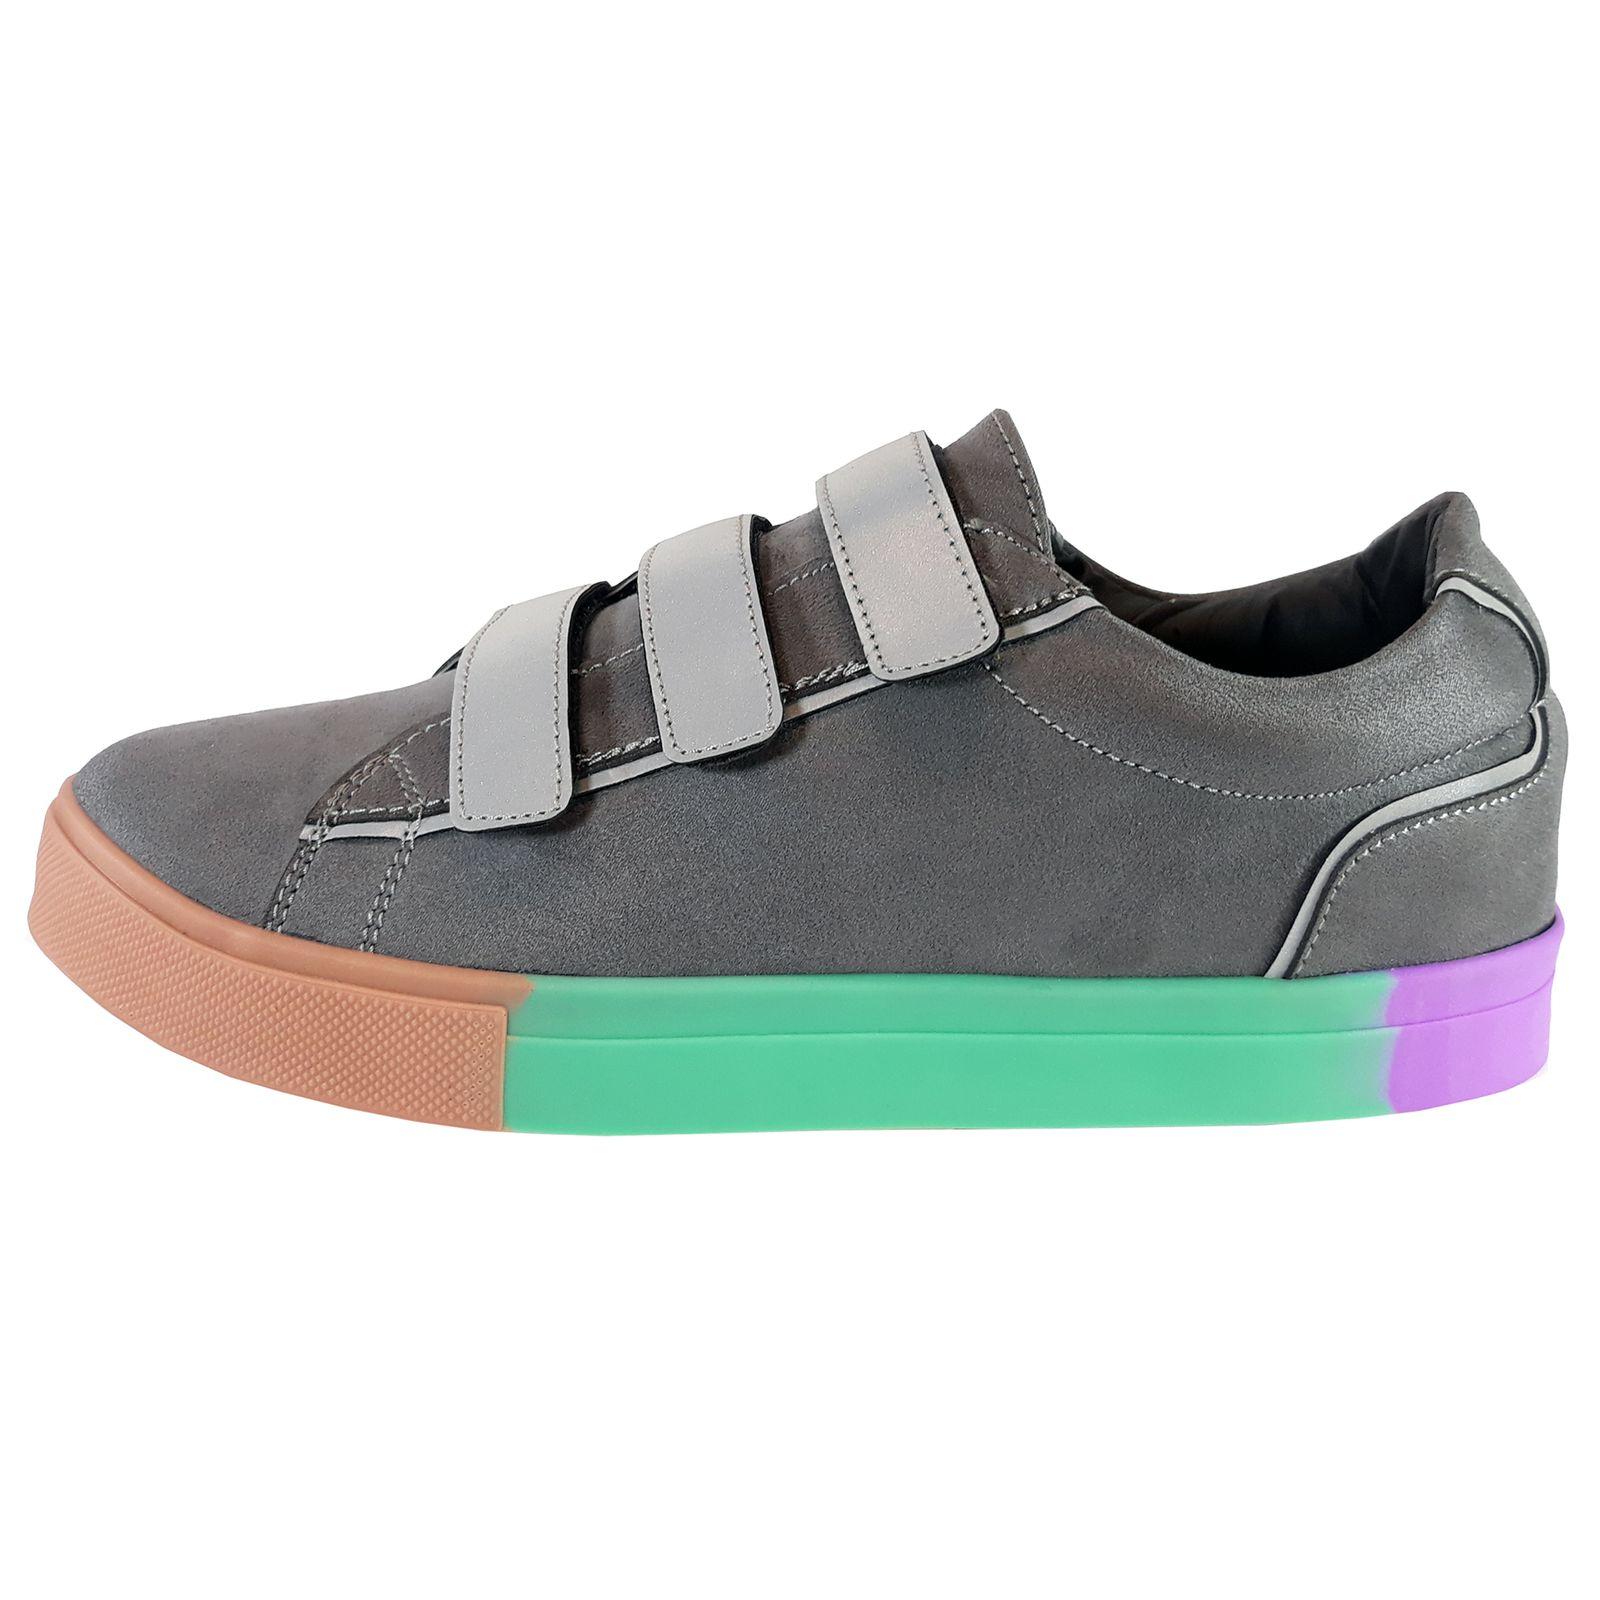 کفش روزمره زنانه کد 1106ST -  - 2